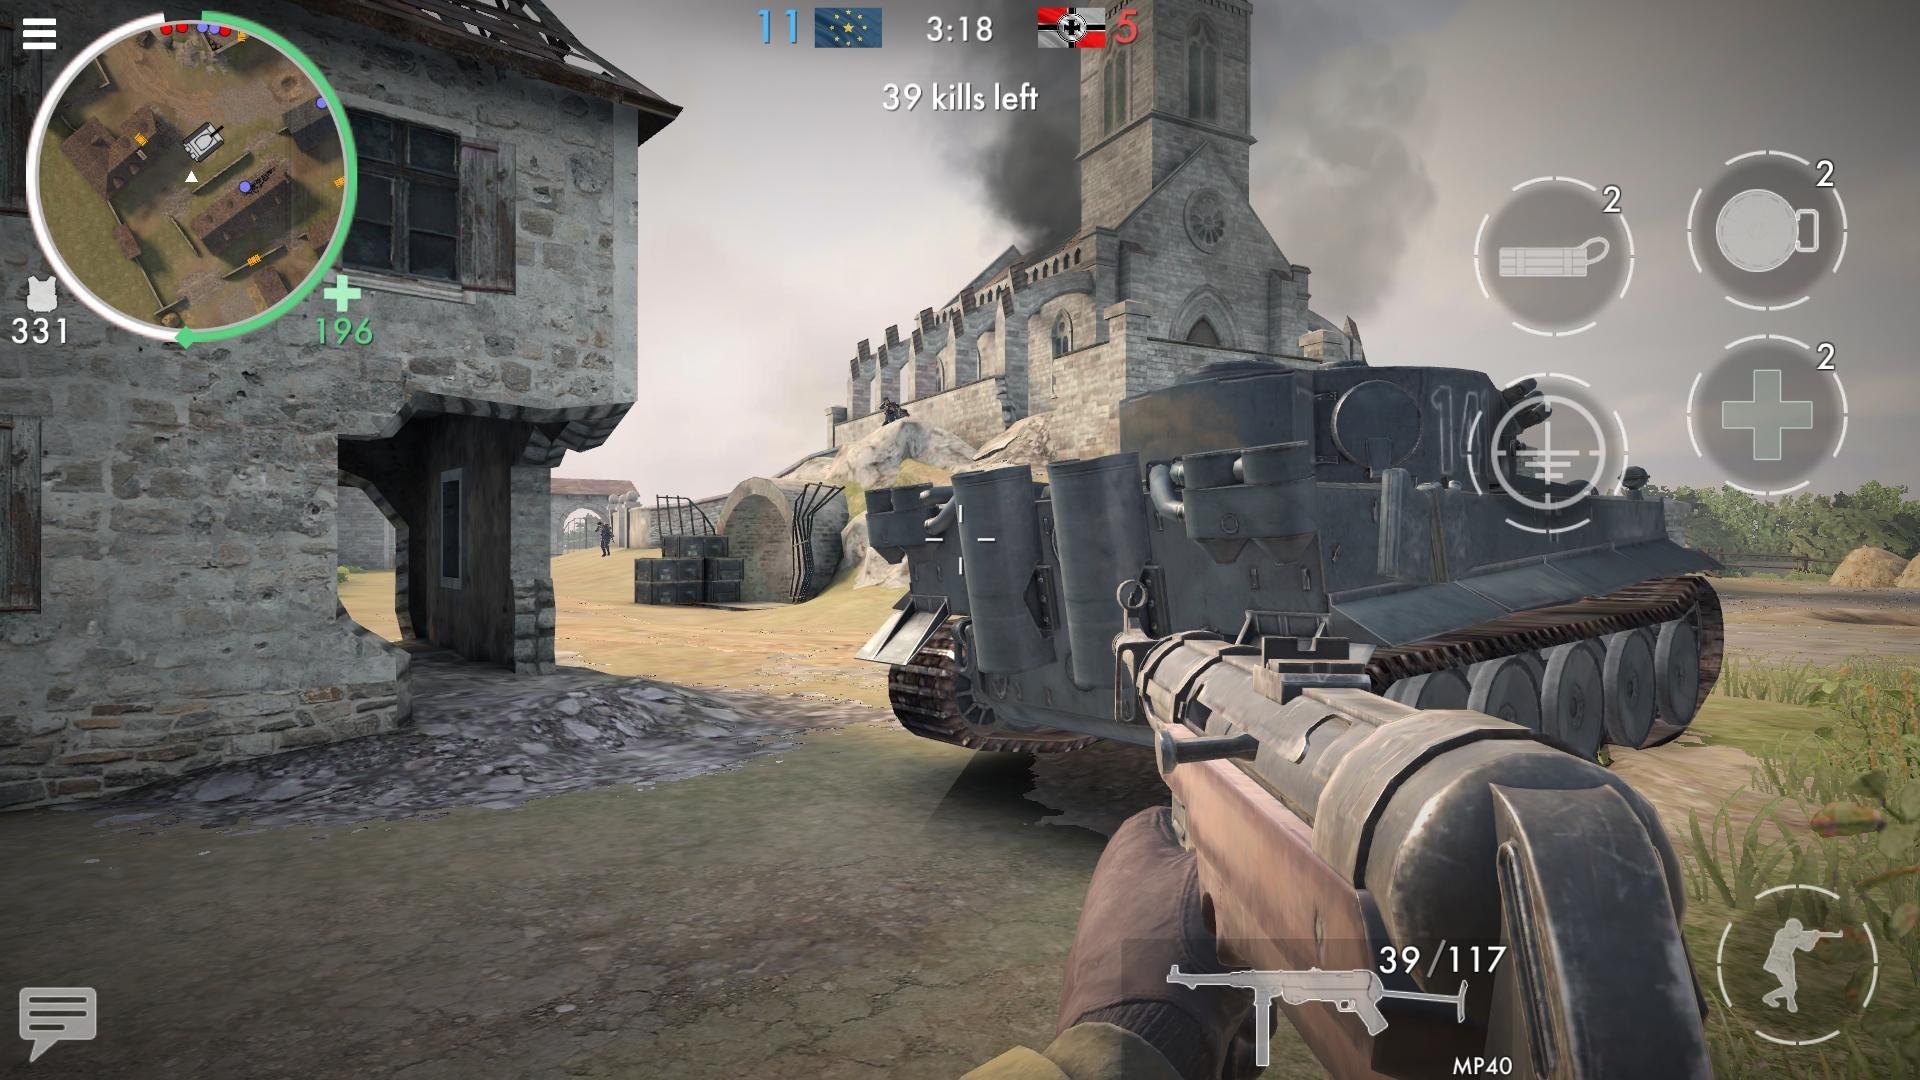 世界战争 - 英雄 游戏截图4